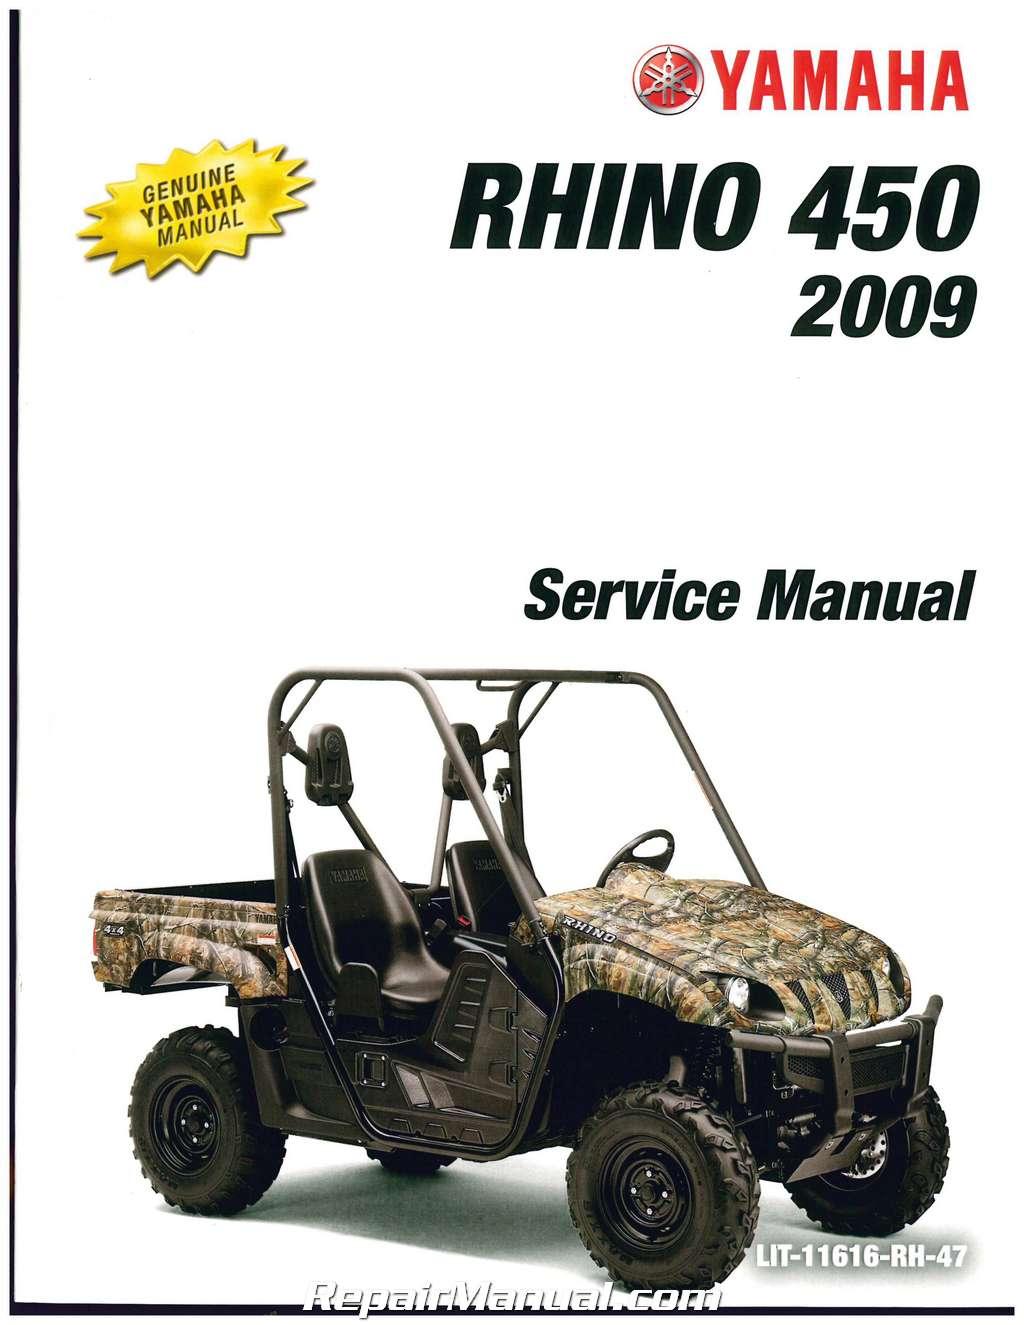 450 rhino Manual